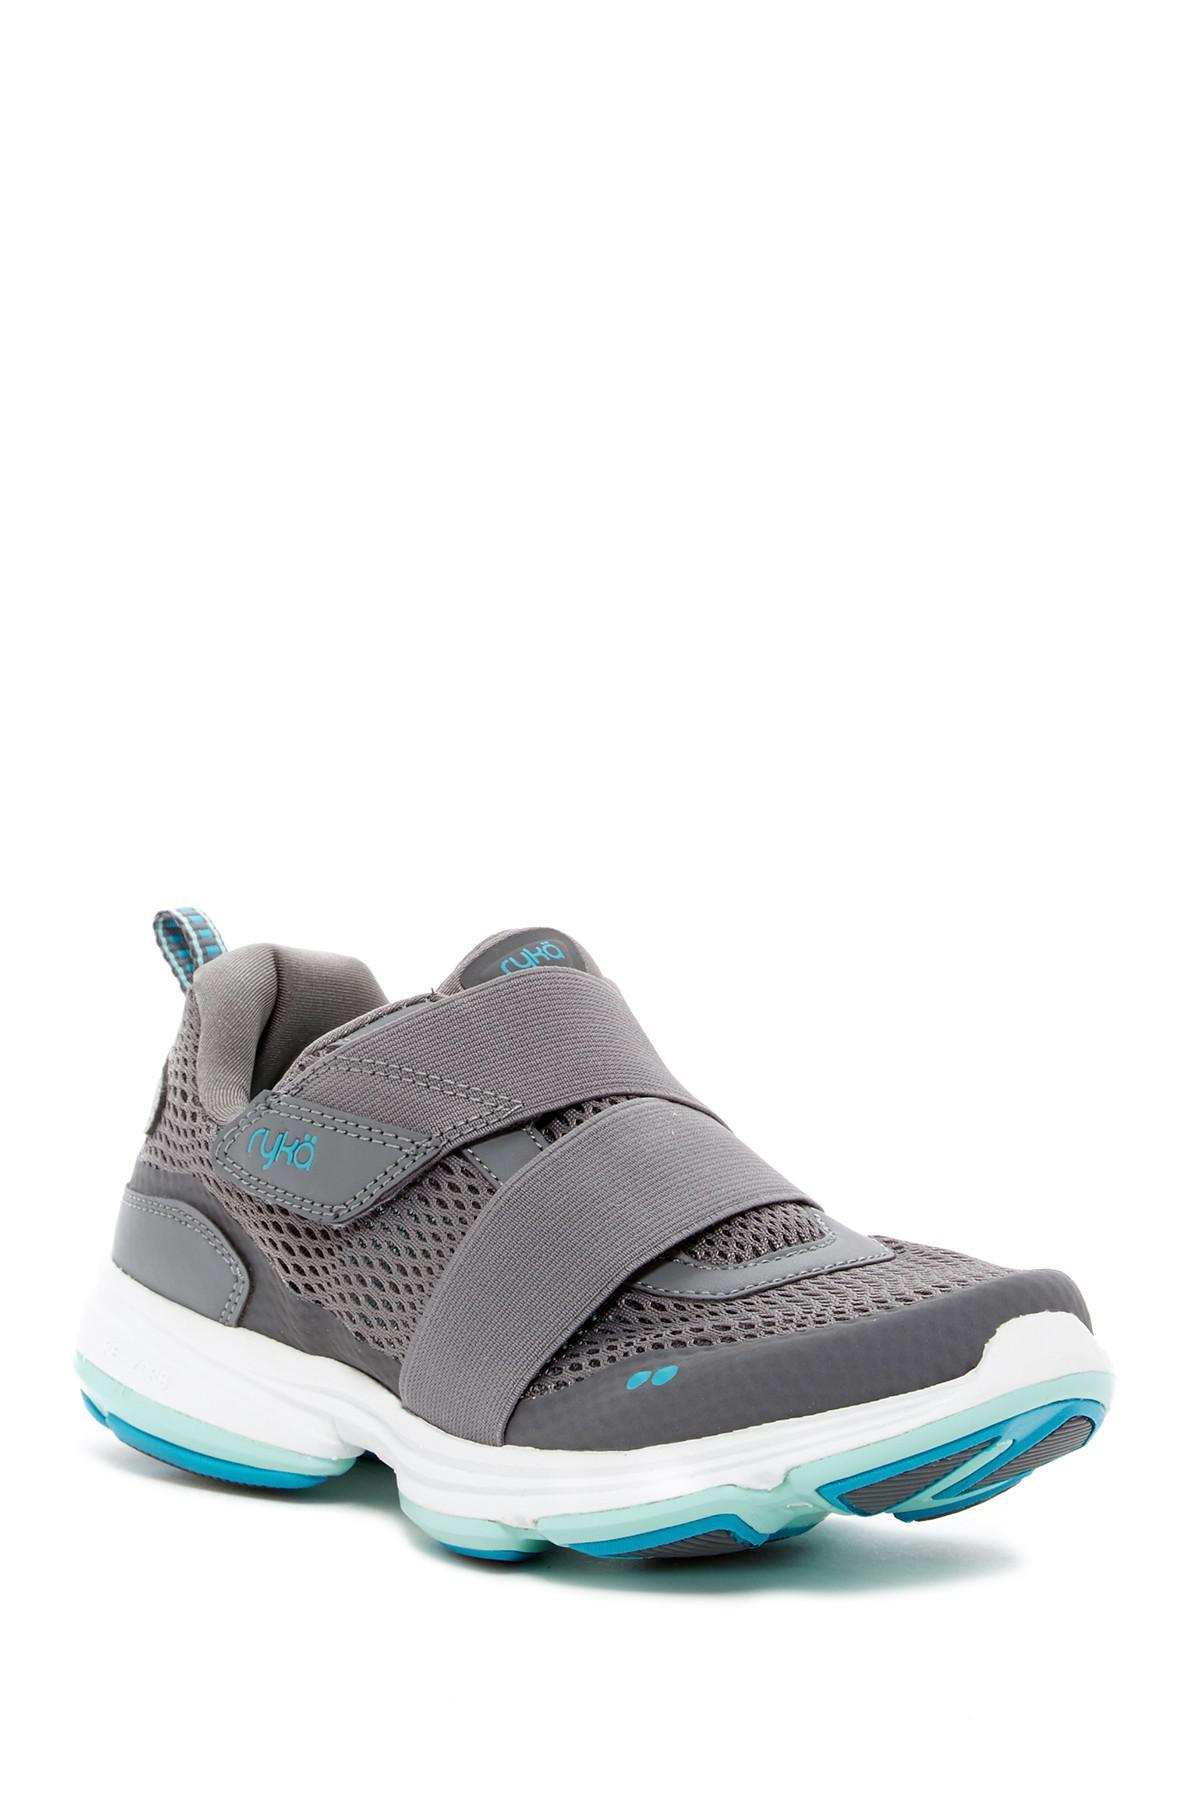 Ryka Devo Jeu D'enfant Sneaker - Grande Largeur Disponible Dates De Sortie Livraison Gratuite UjfKm7R